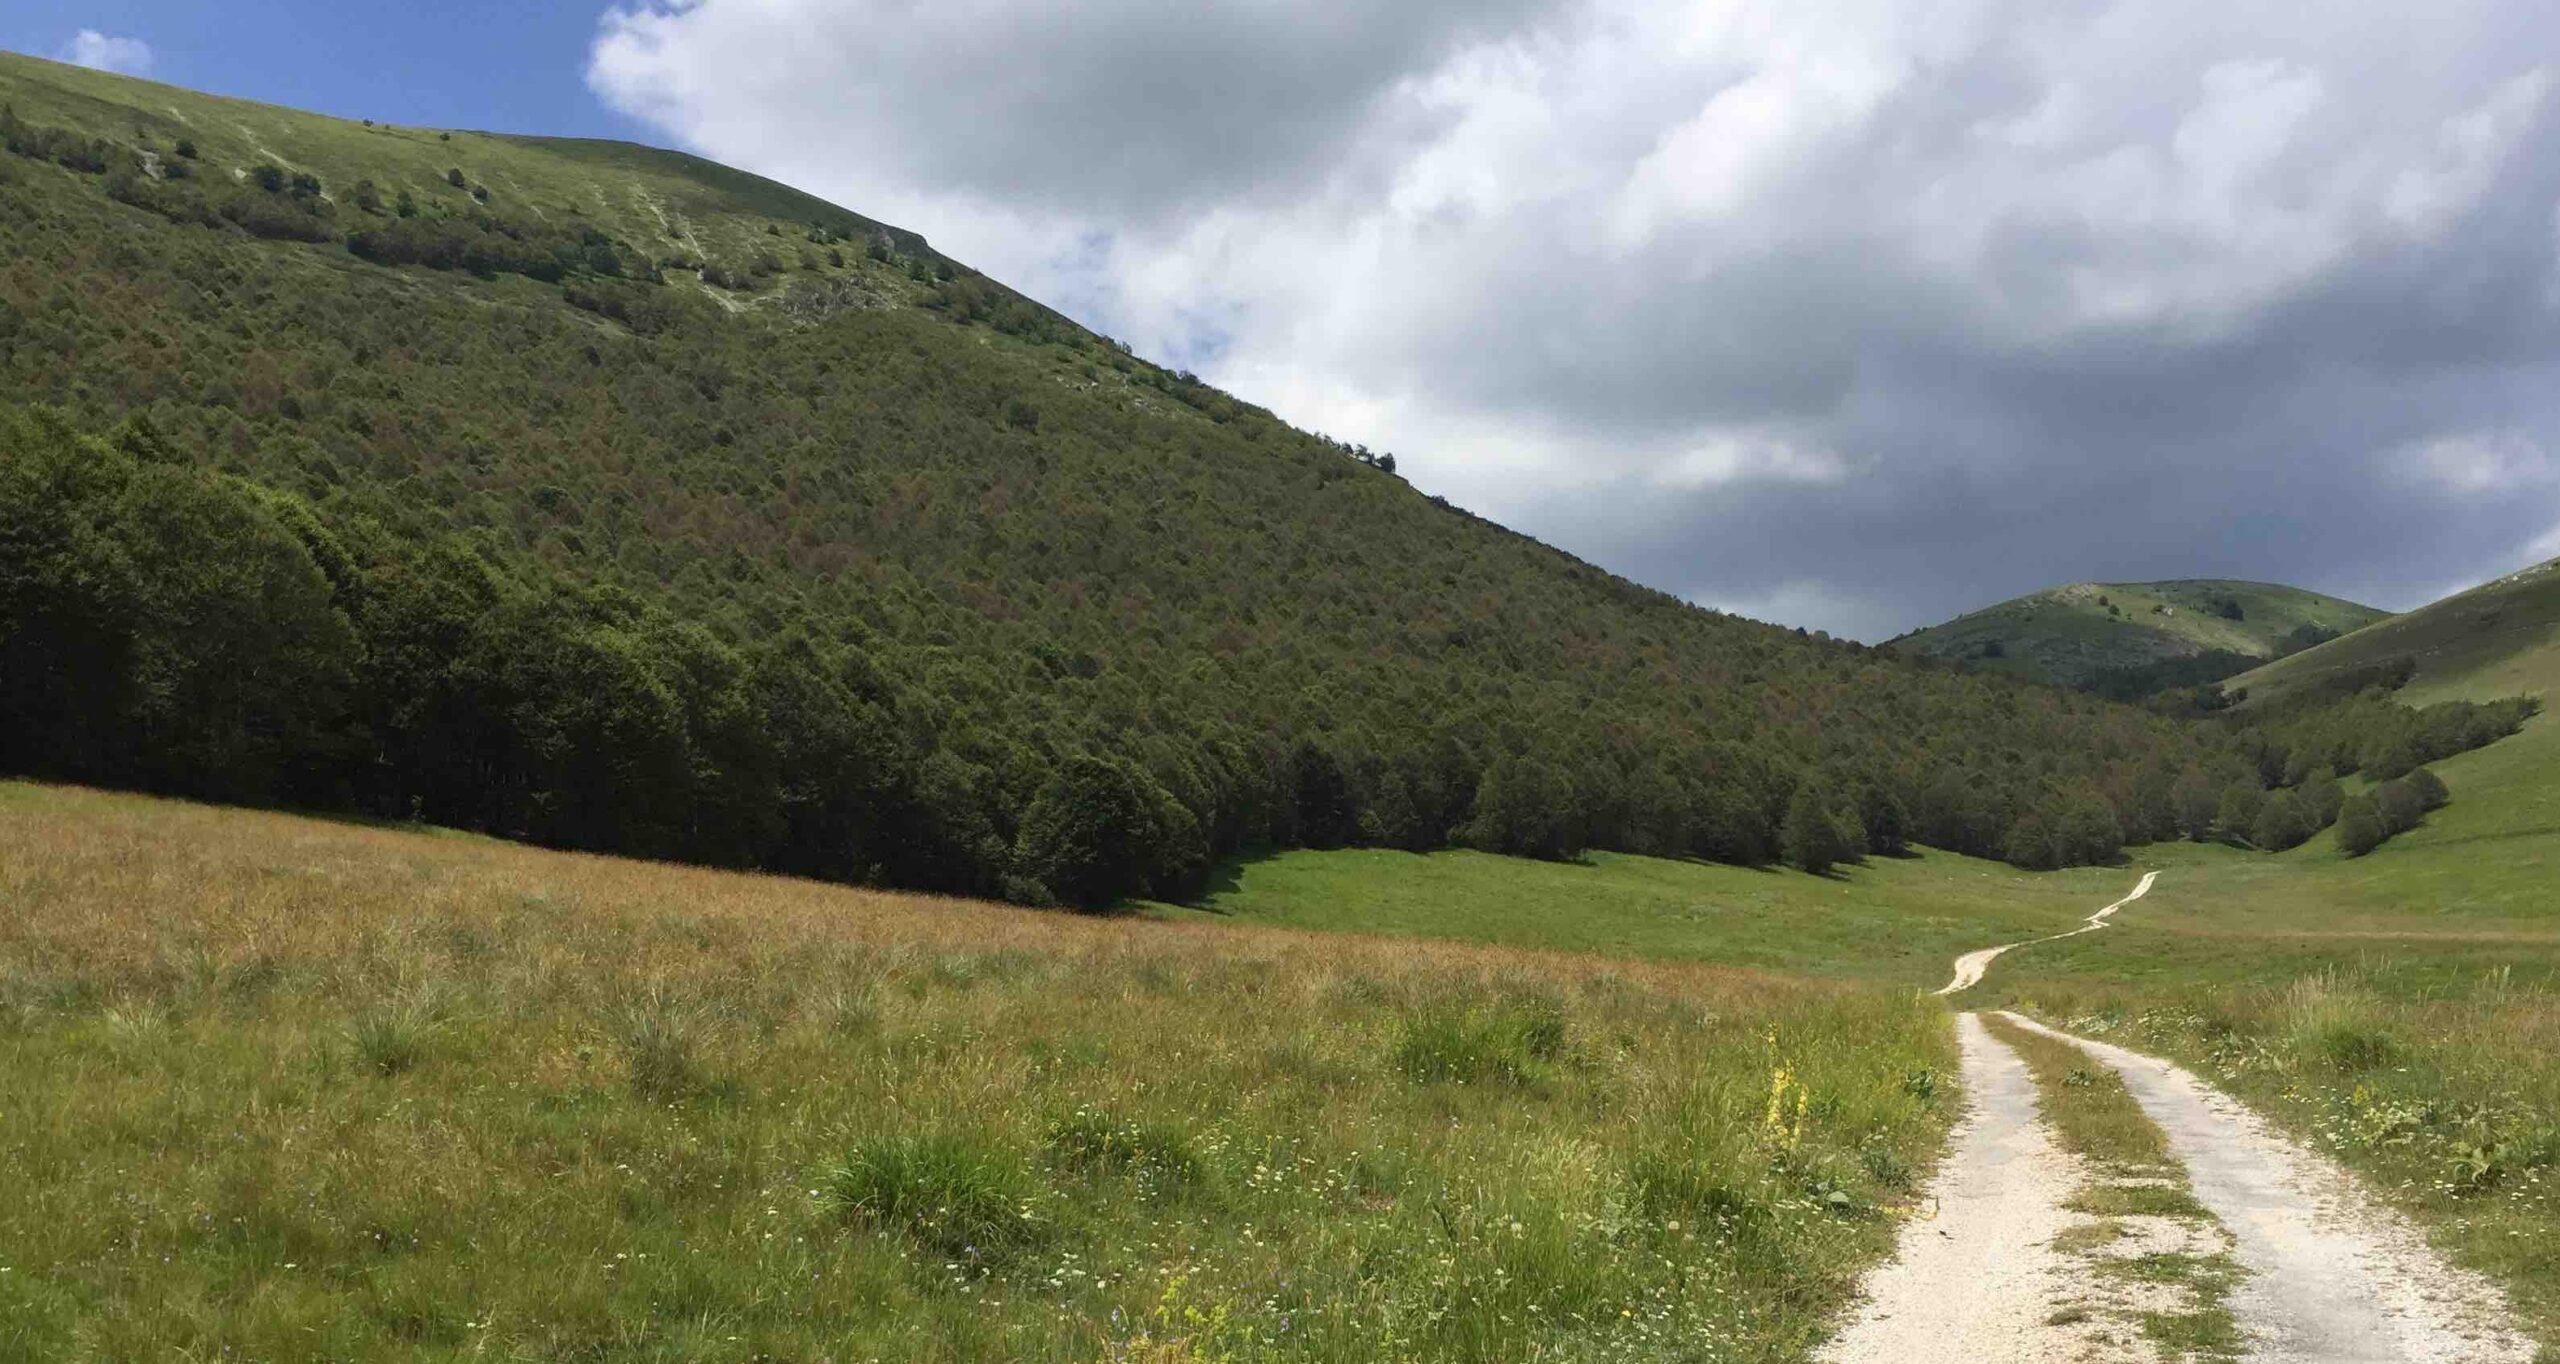 Regione e Parco Nazionale Abruzzo, Lazio e Molise per conservazione orso marsicano e implementazione ricettività diffusa